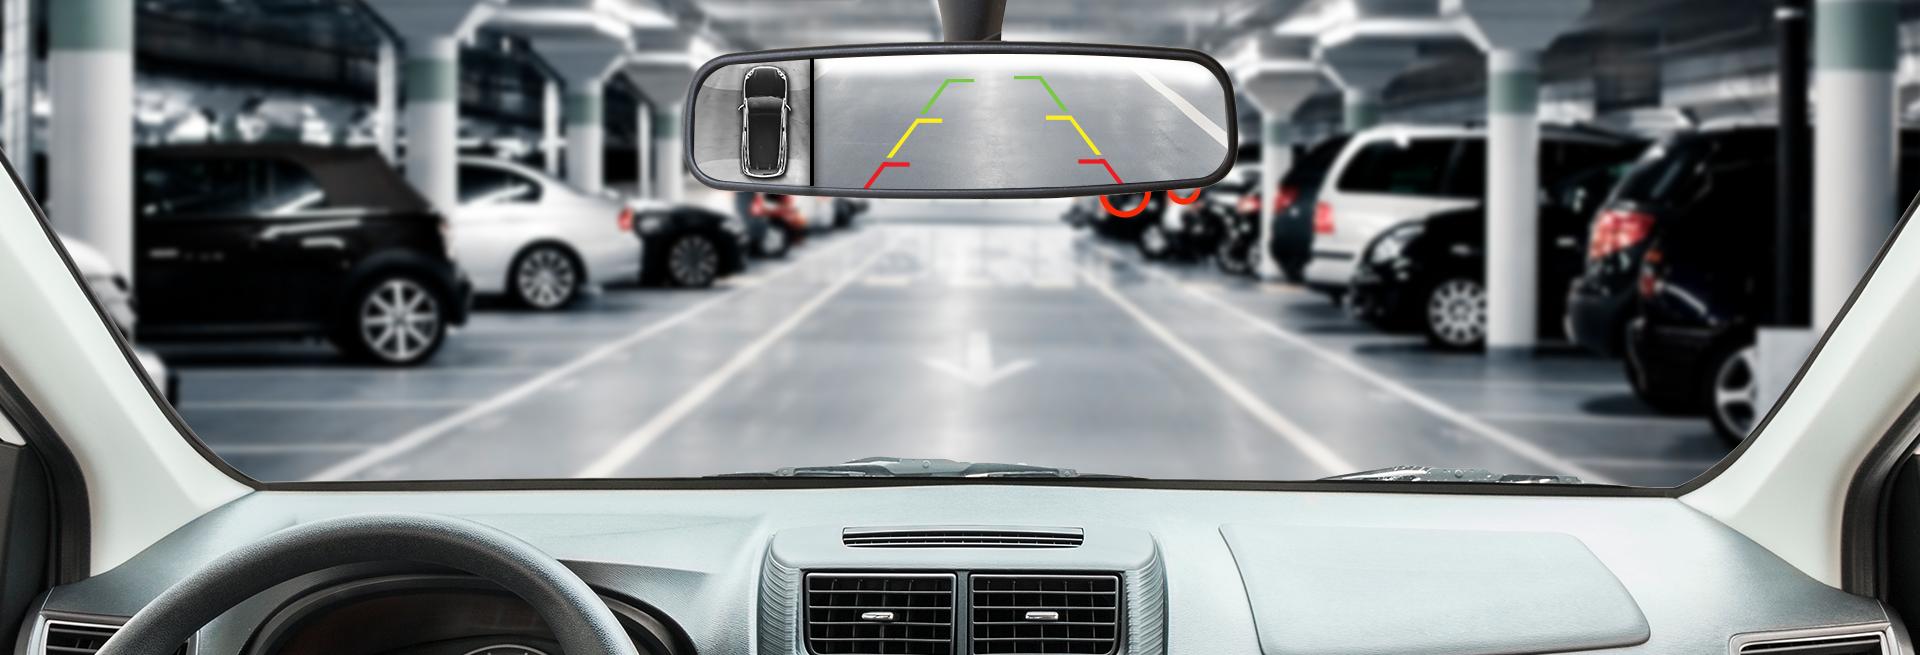 O que uma boa câmera de ré pode mudar na rotina do condutor? Em nosso blog, conheça todos os benefícios e saiba como escolher um bom produto.